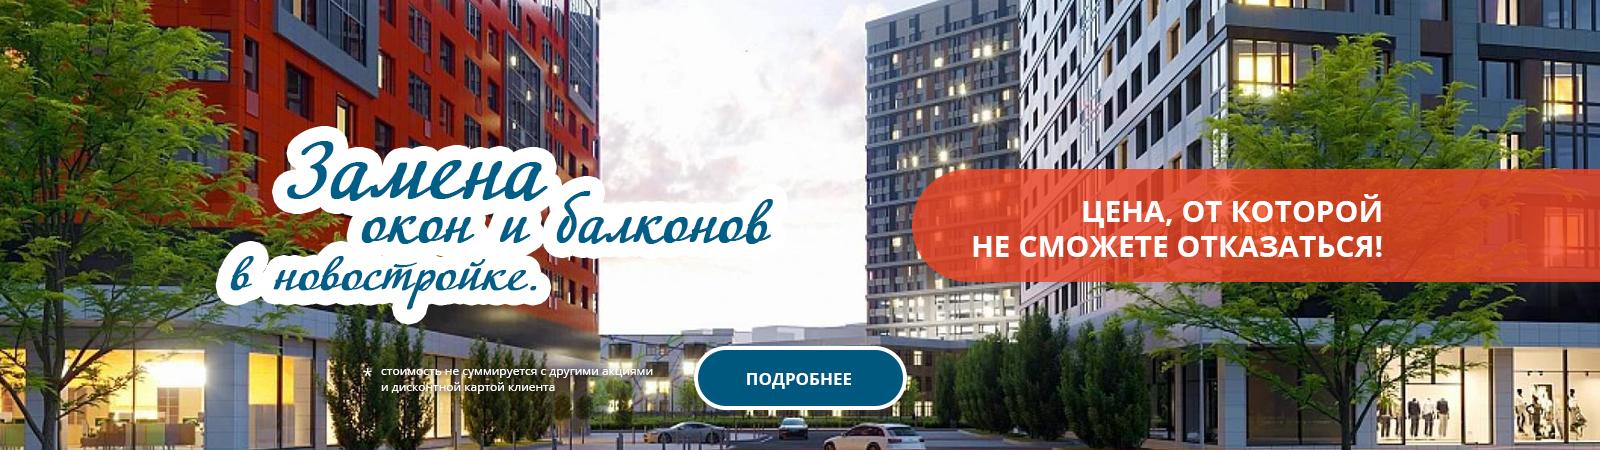 Замена окон и балконов в новостройке